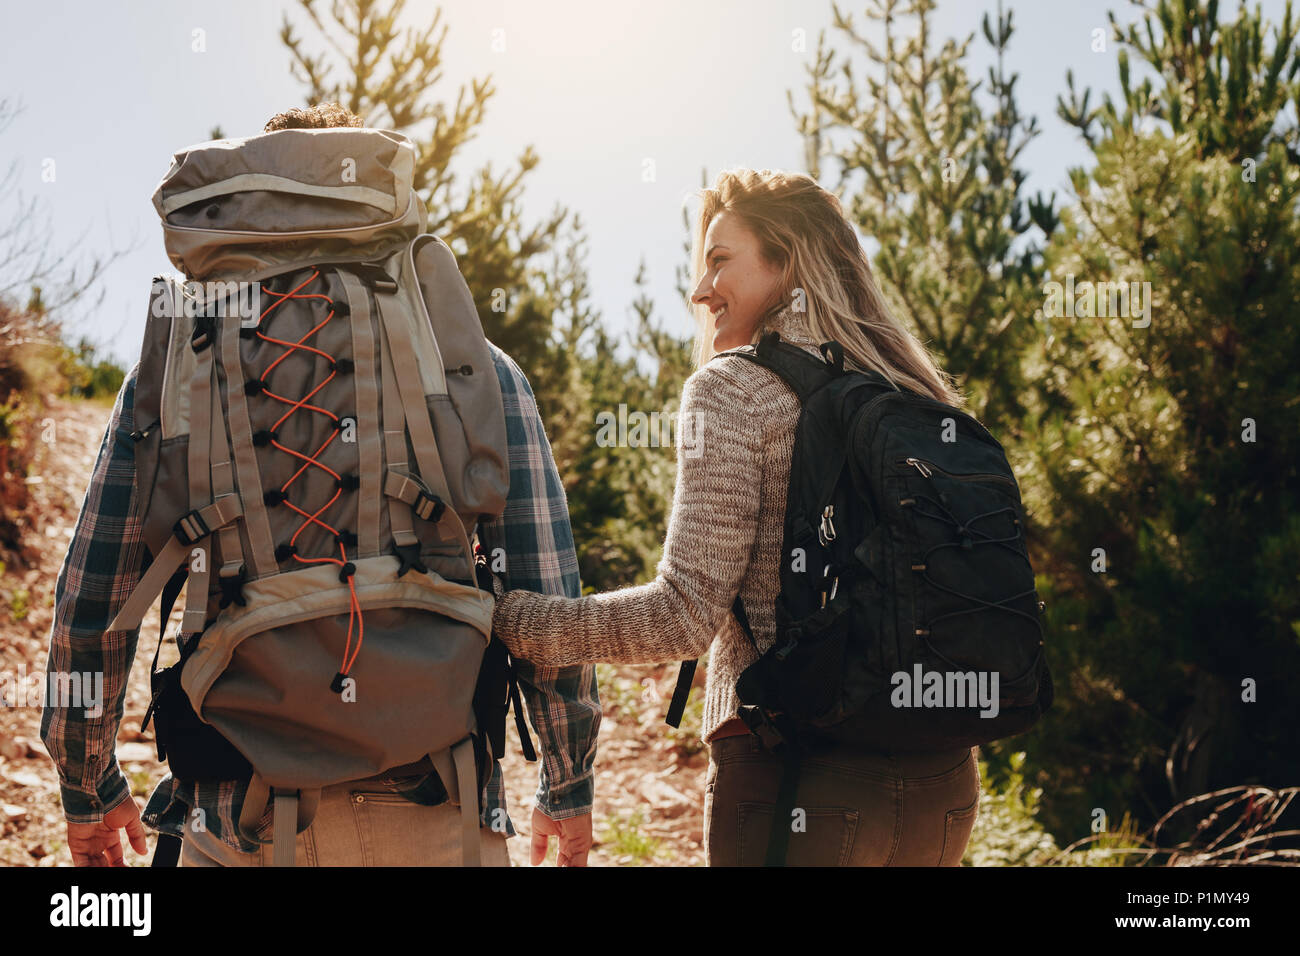 Vue arrière du couple de jeunes gens de la randonnée. Jeune homme et femme avec leur sac à dos de randonnée dans la montagne. Photo Stock